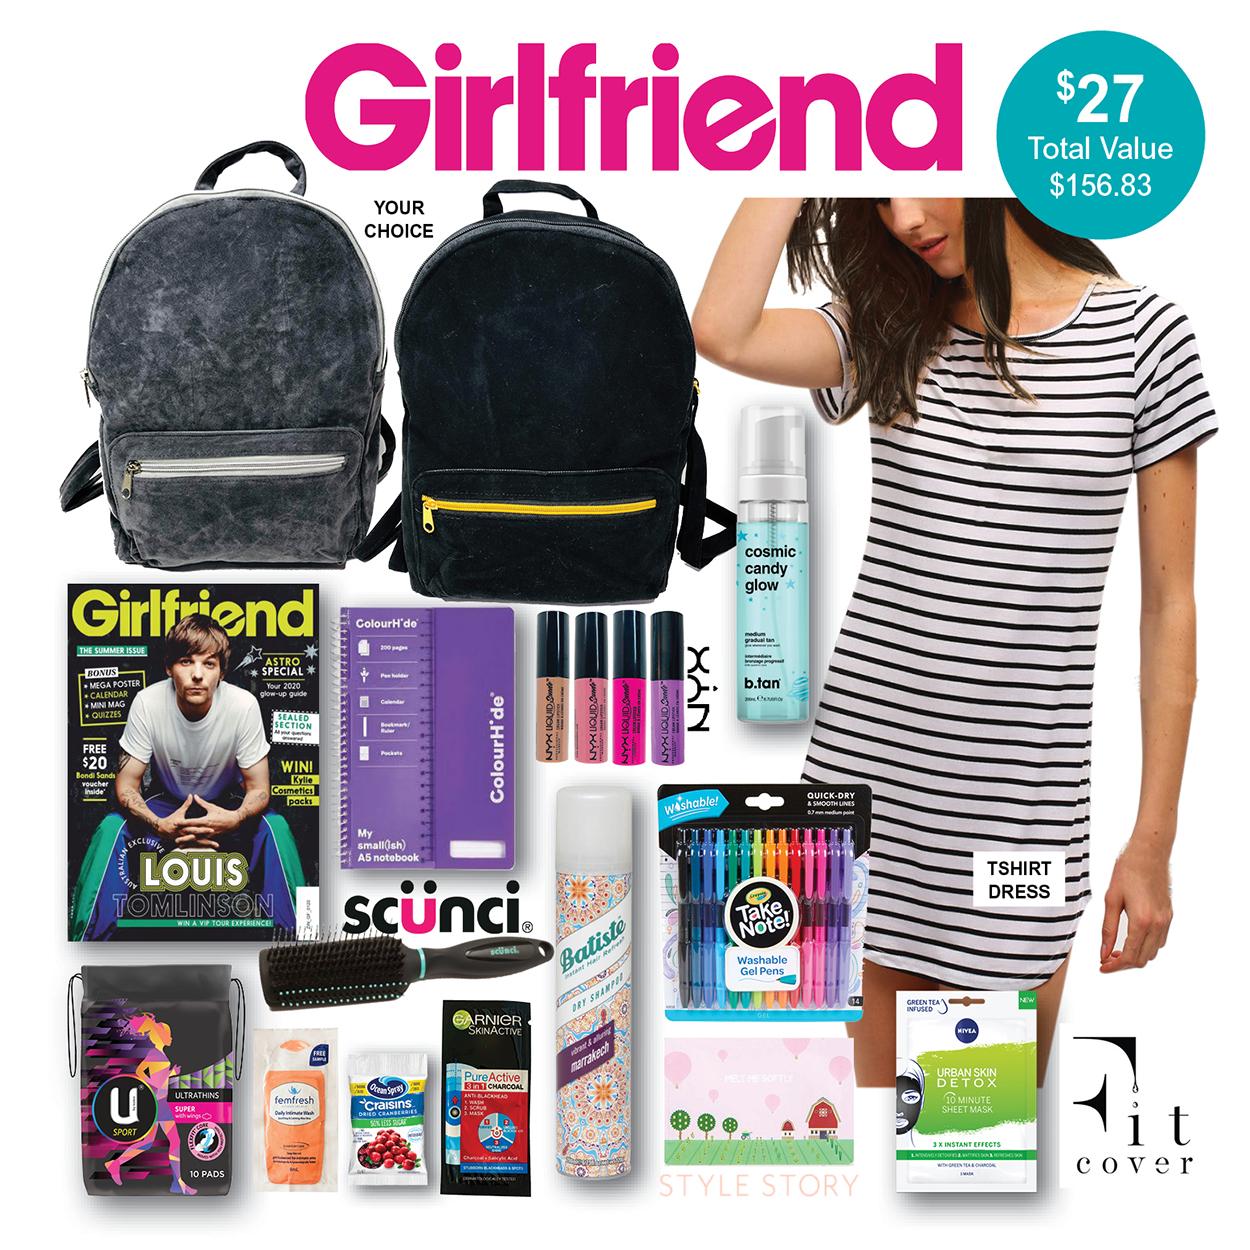 Girlfriend Showbag